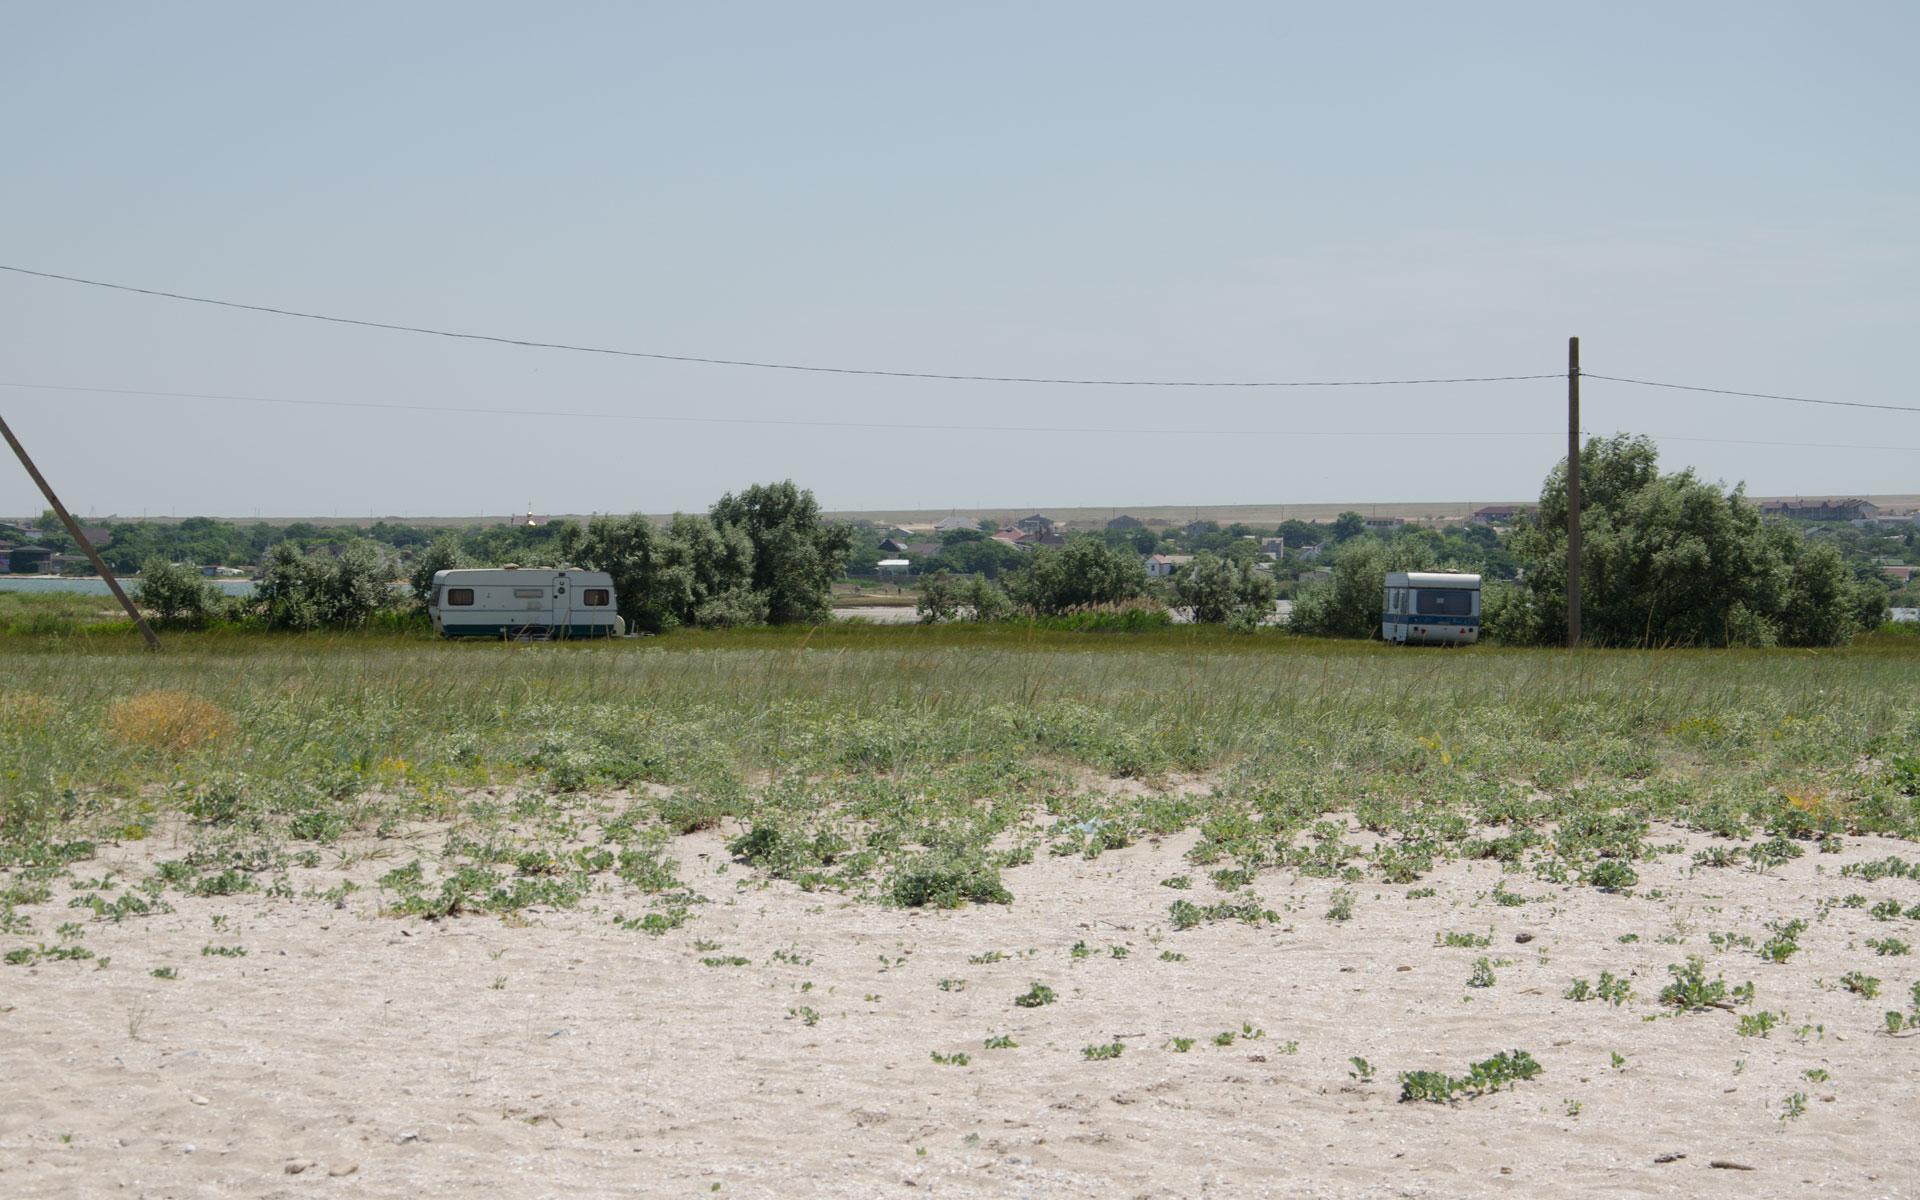 Кемперы на диком пляже. Фото Оленевки